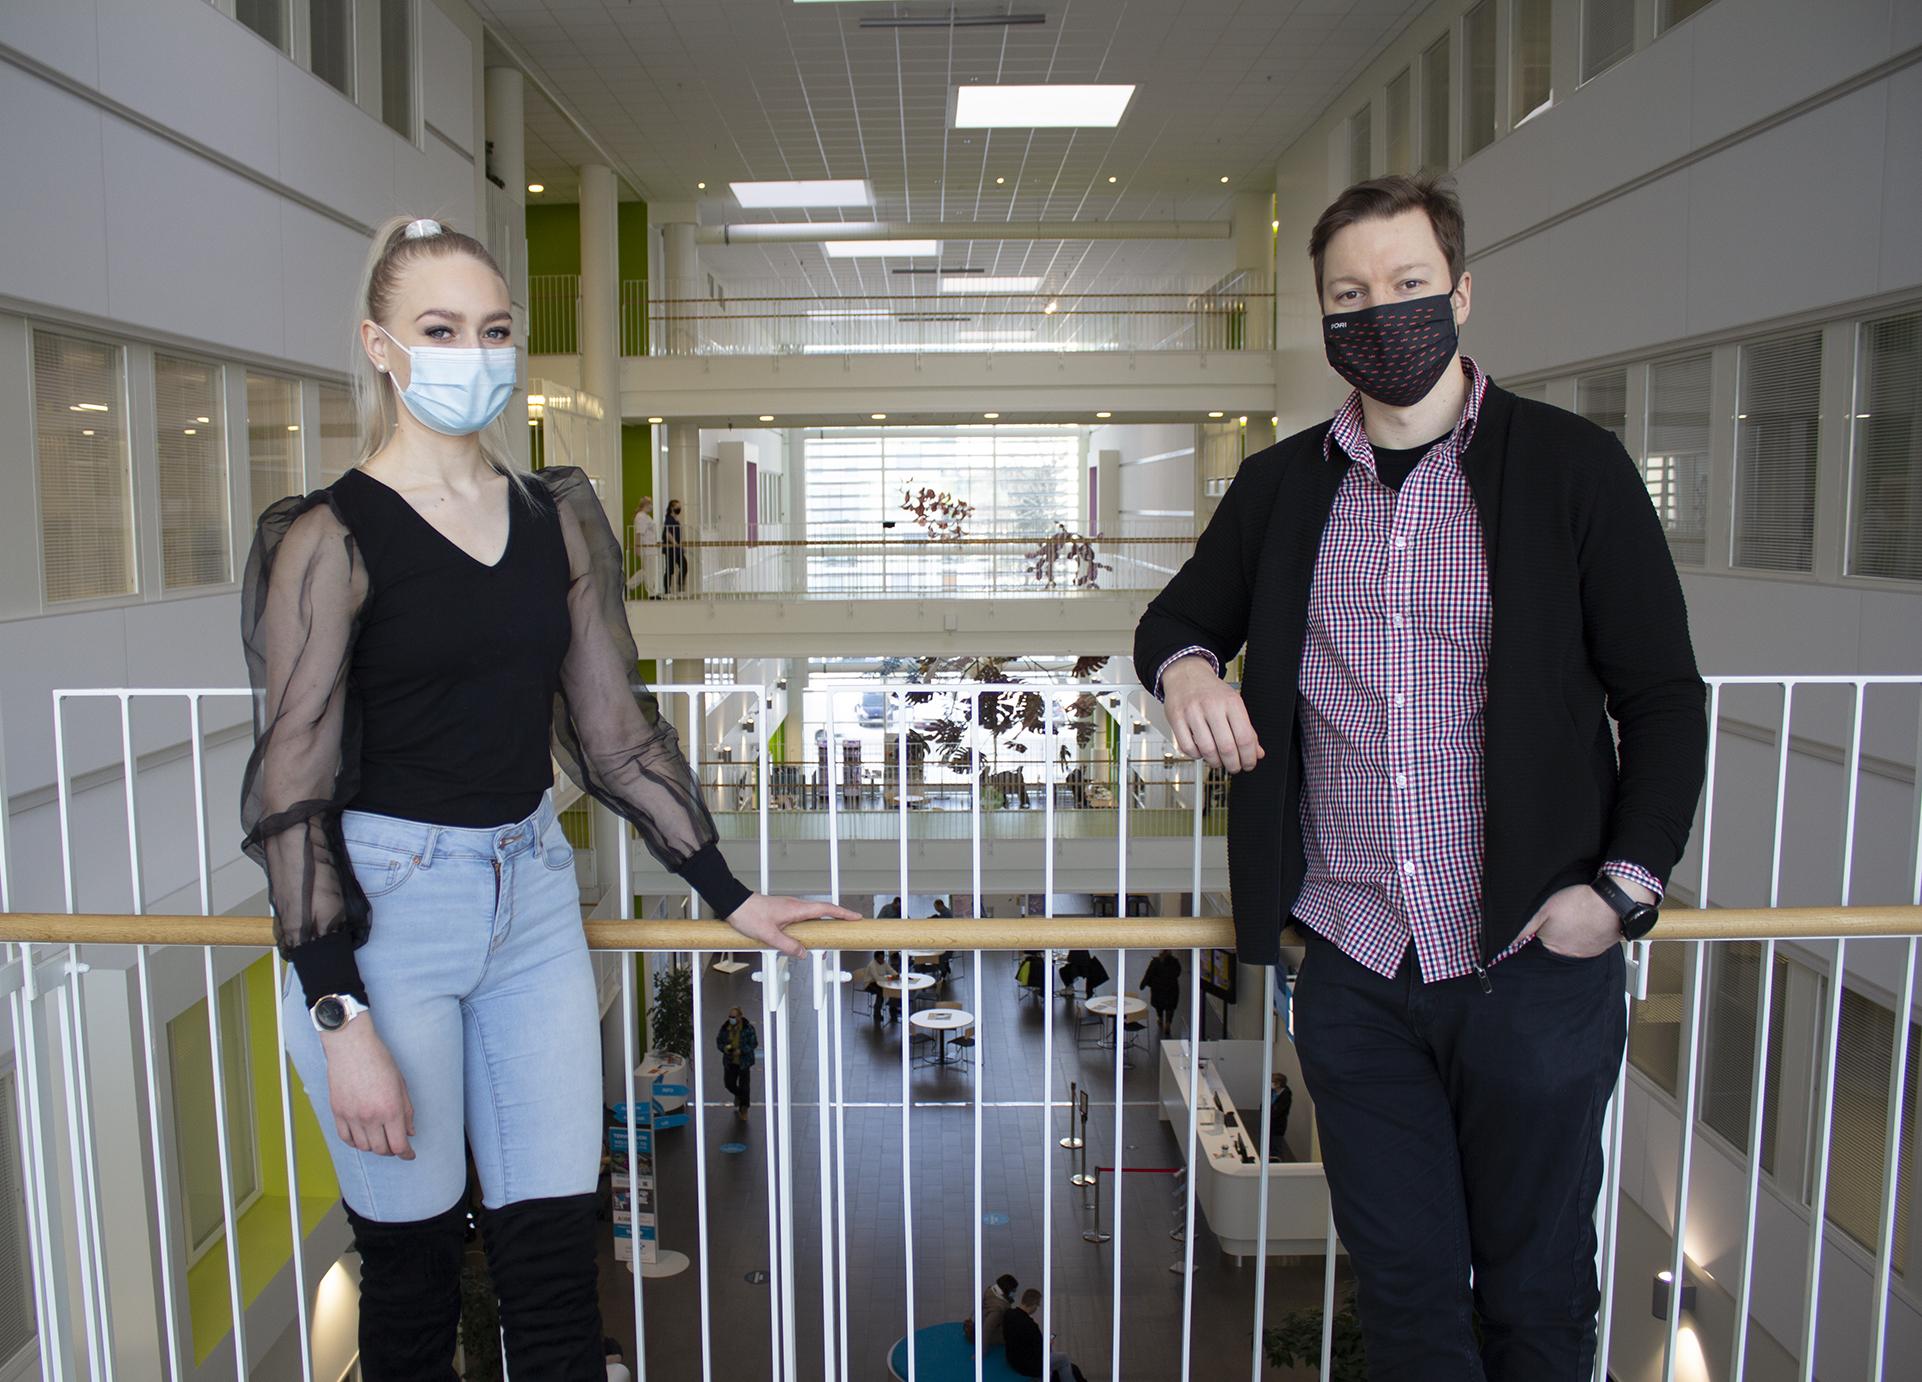 Kuvassa haastateltavat poseeraavat Porin kampuksella. Taustalla näkyy Atrium.